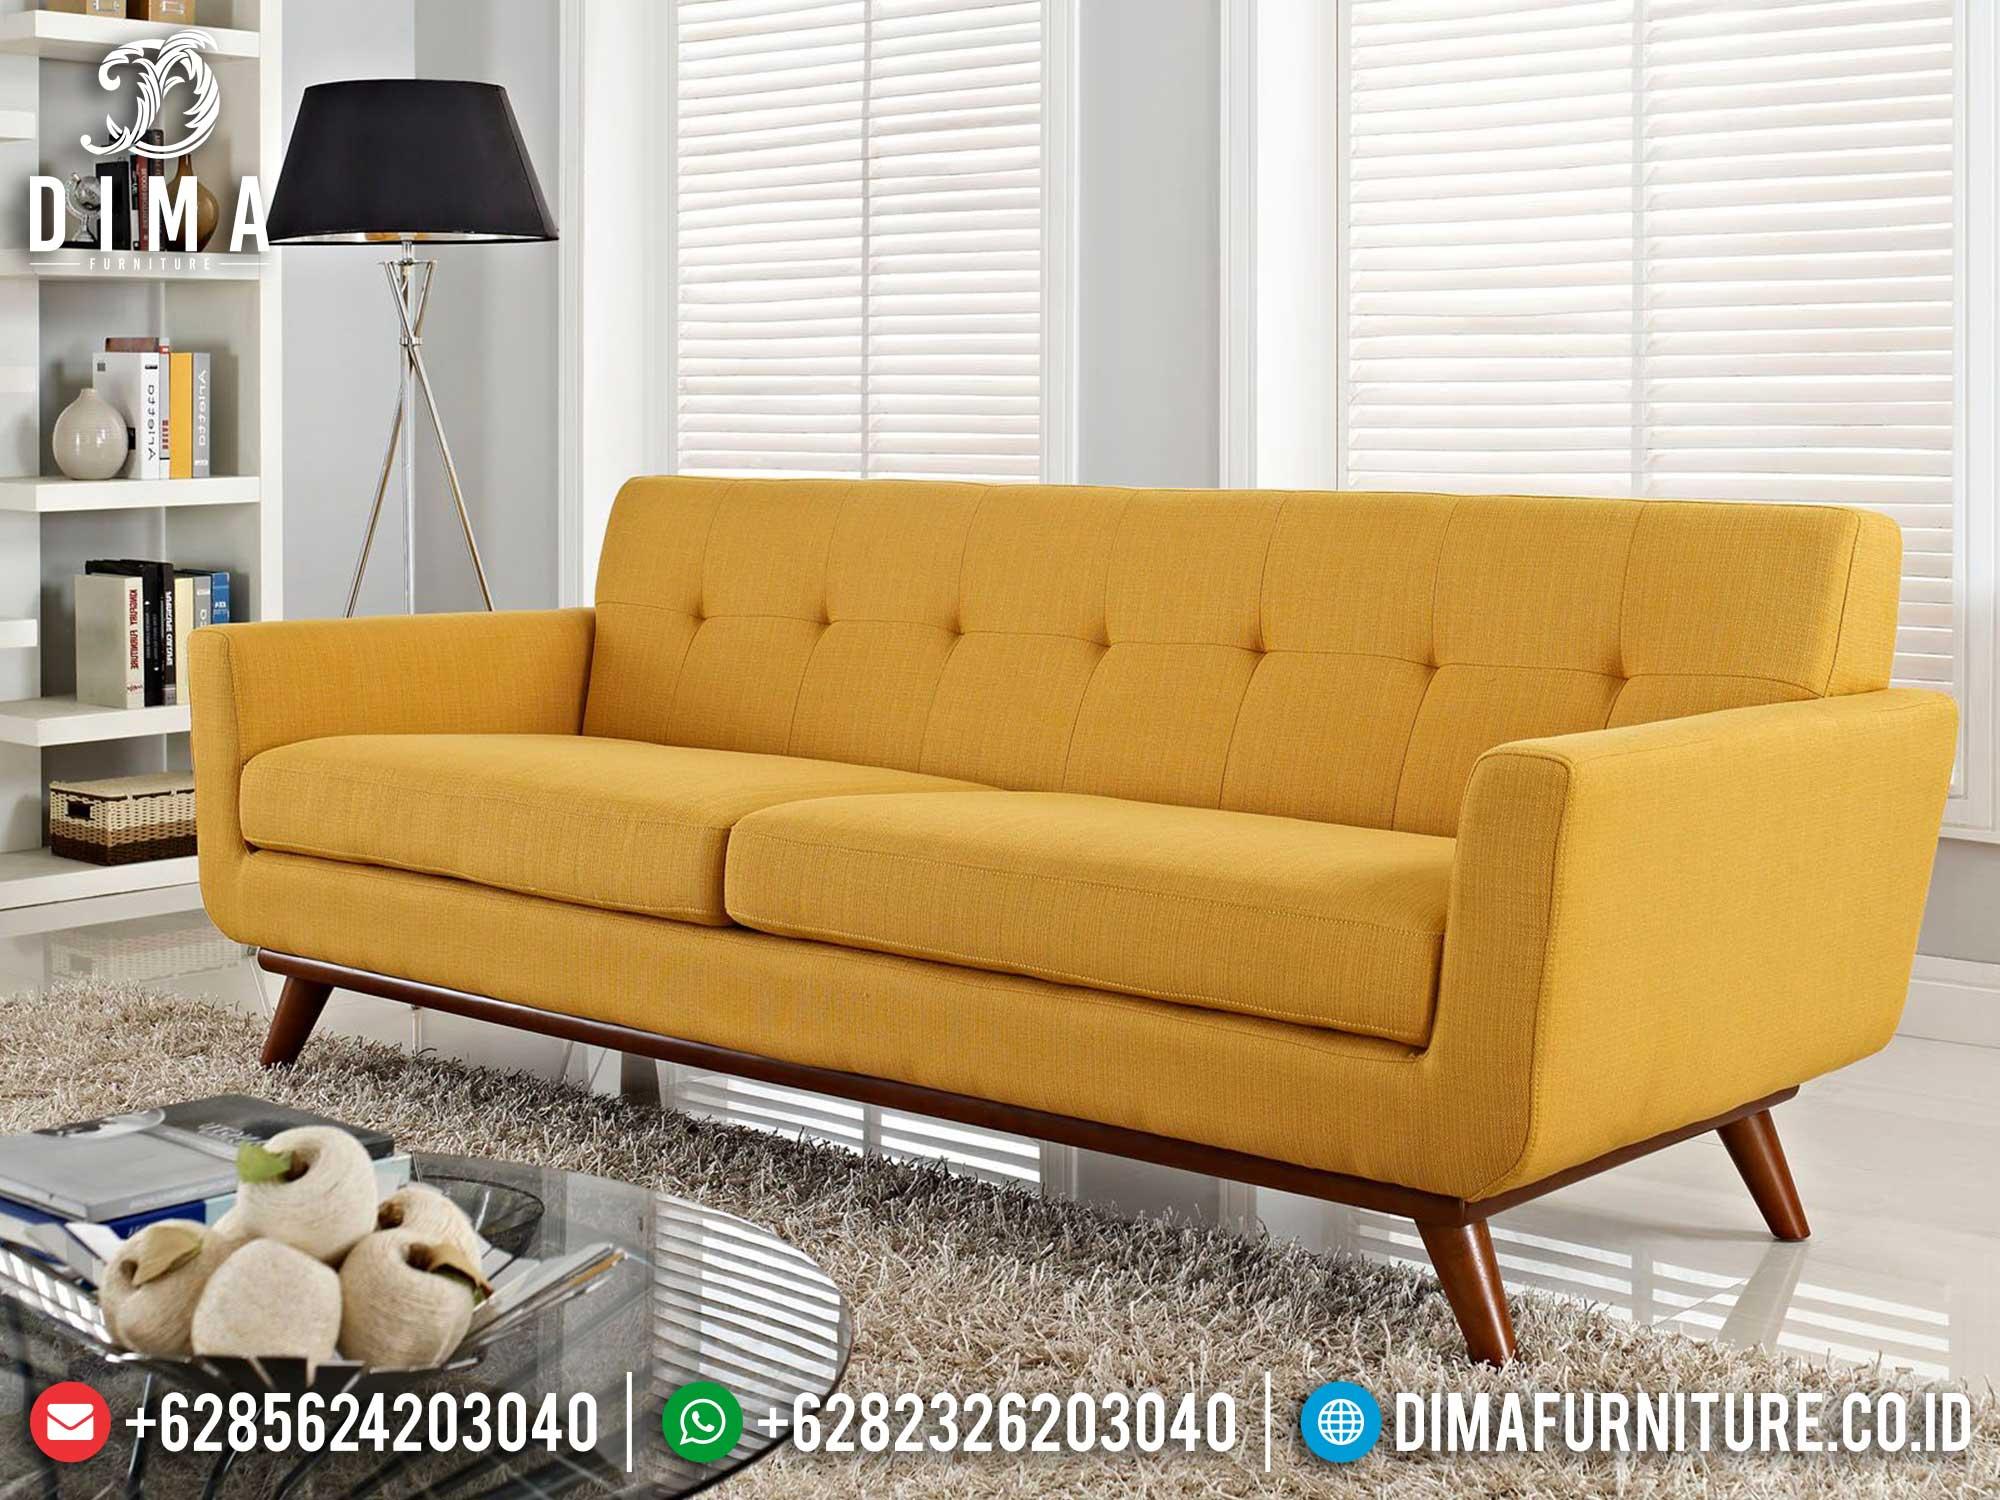 Sofa Tamu 3 Dudukan Minimalis Simple Design Great Quality Item Mm-0887